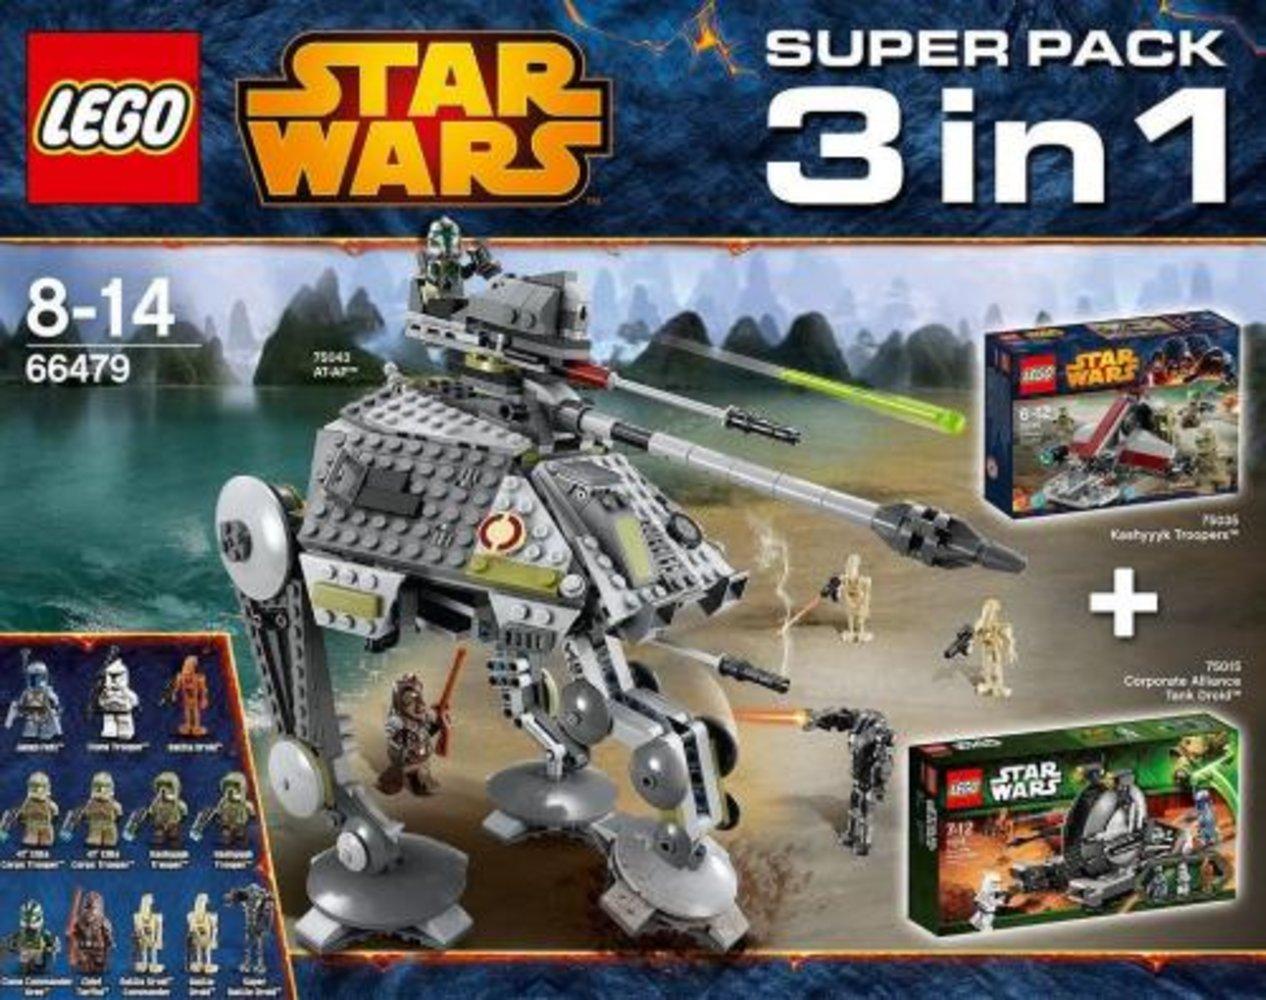 Super Pack 3 in 1 (75015, 75035, 75043)